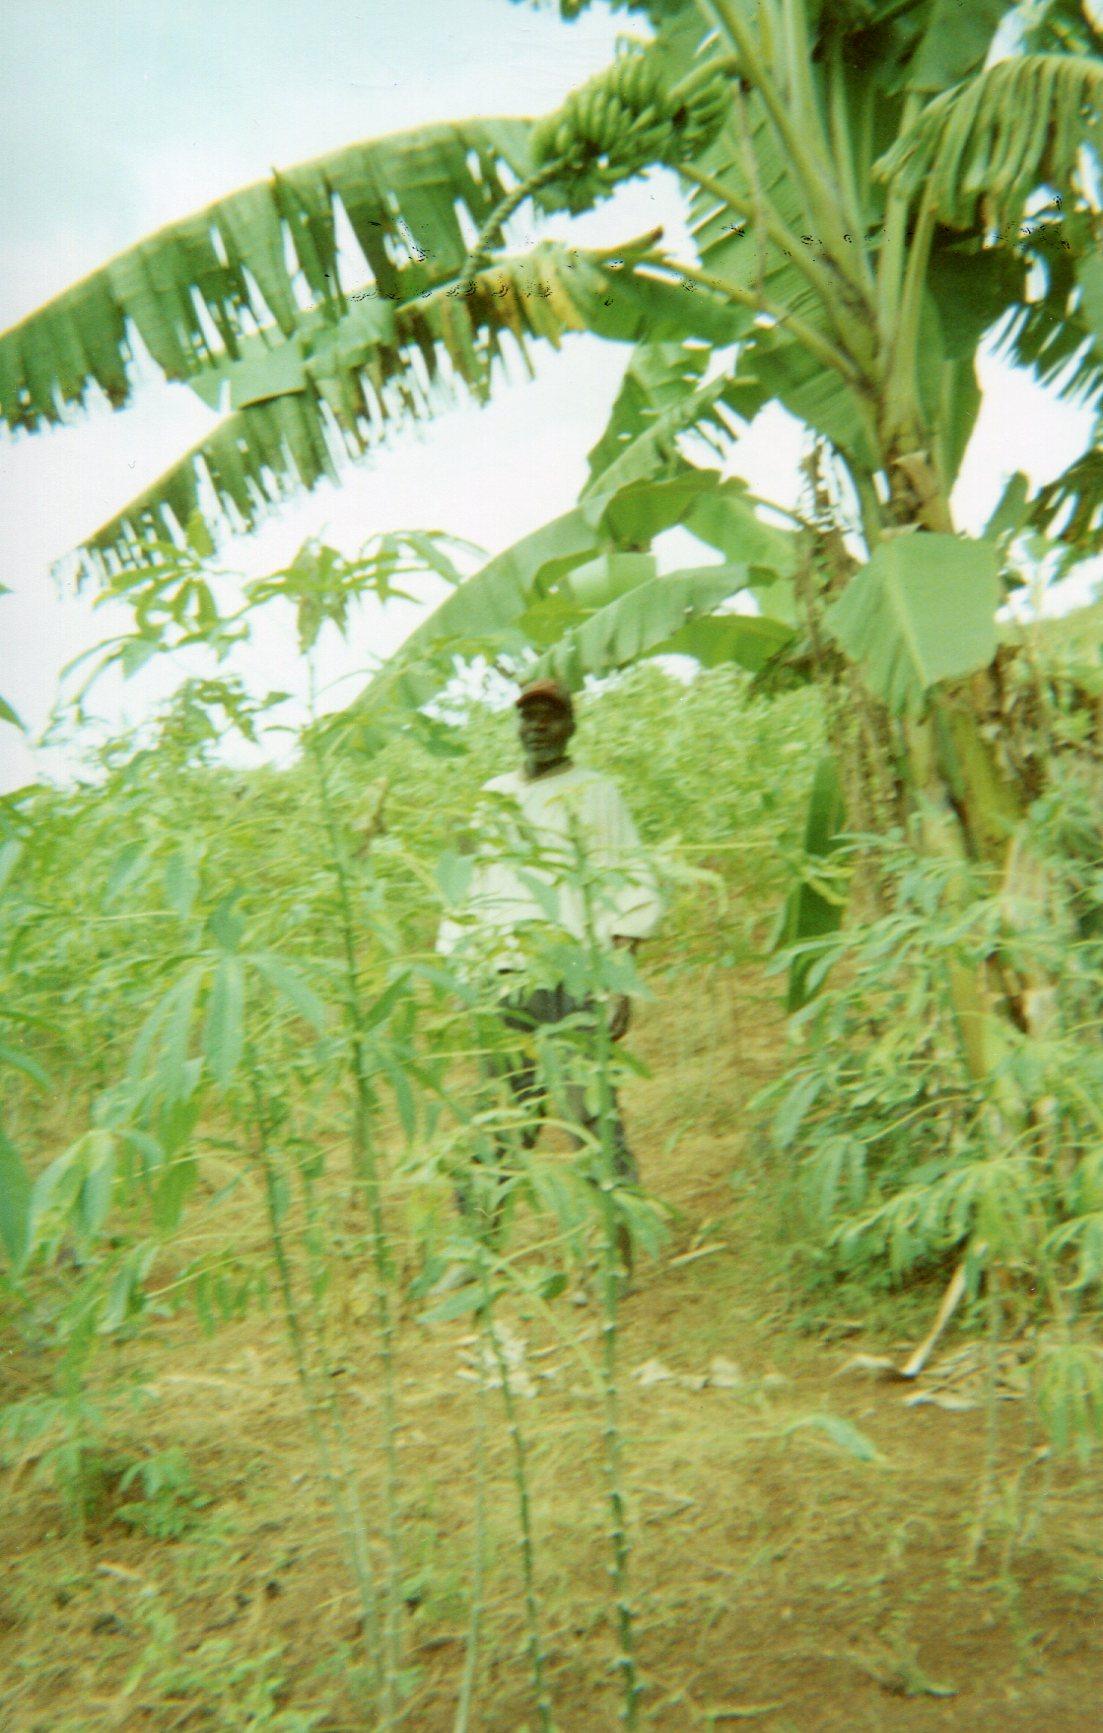 Green banana tree: Hope in life.